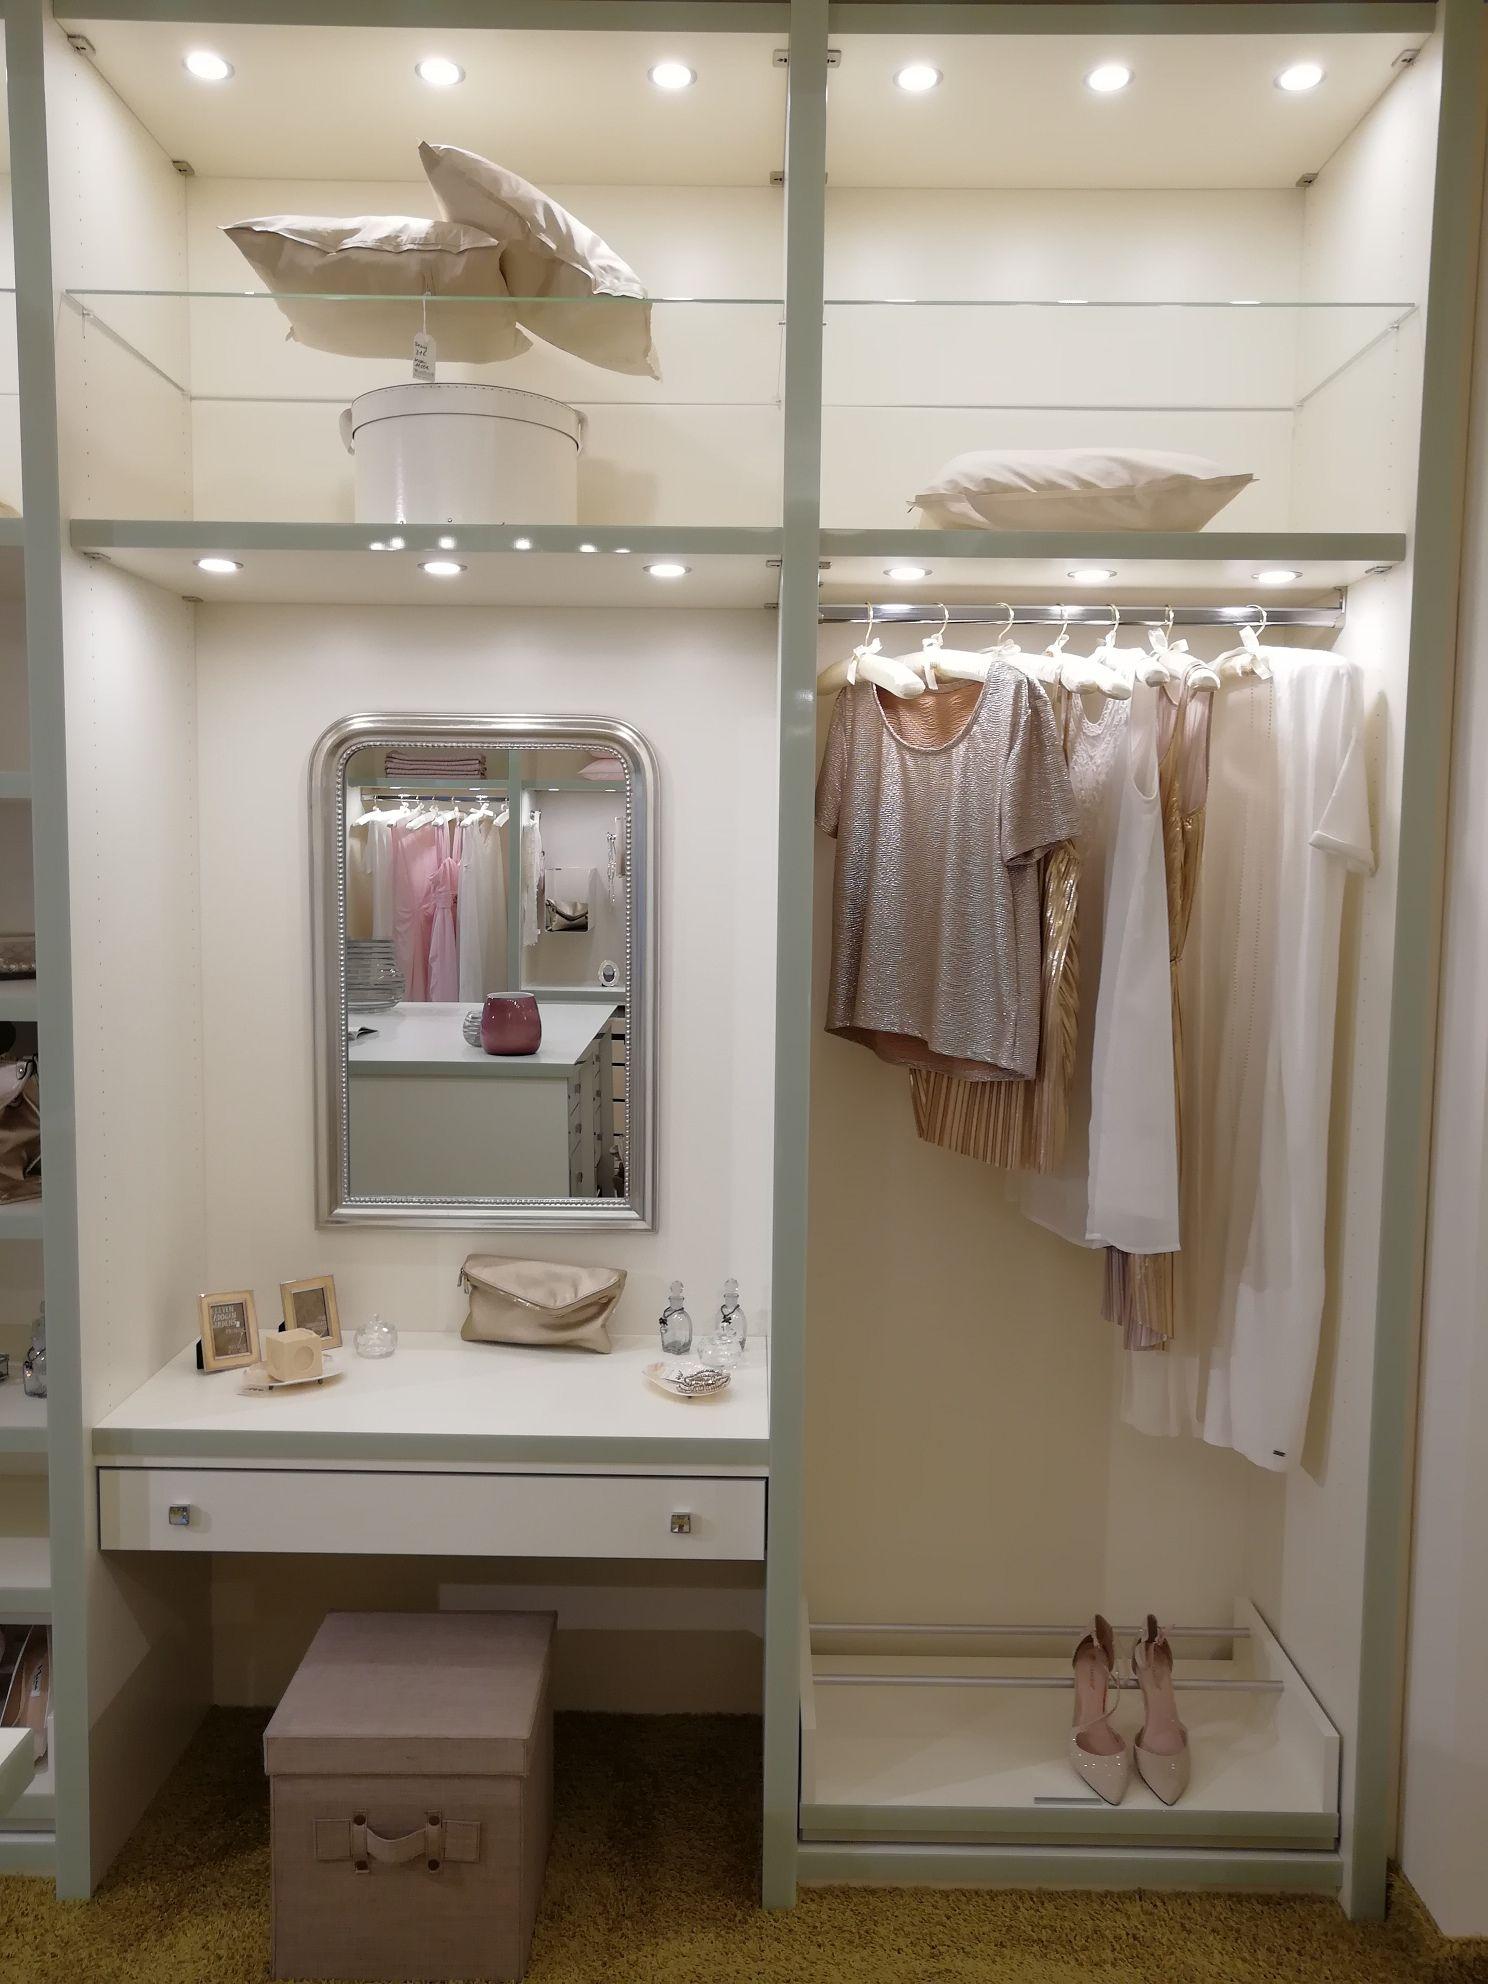 Begehbarer Kleiderschrank Mit Integriertem Schminktisch Garderobe Schrank Begehbarer Kleiderschrank Schrank Umgestalten